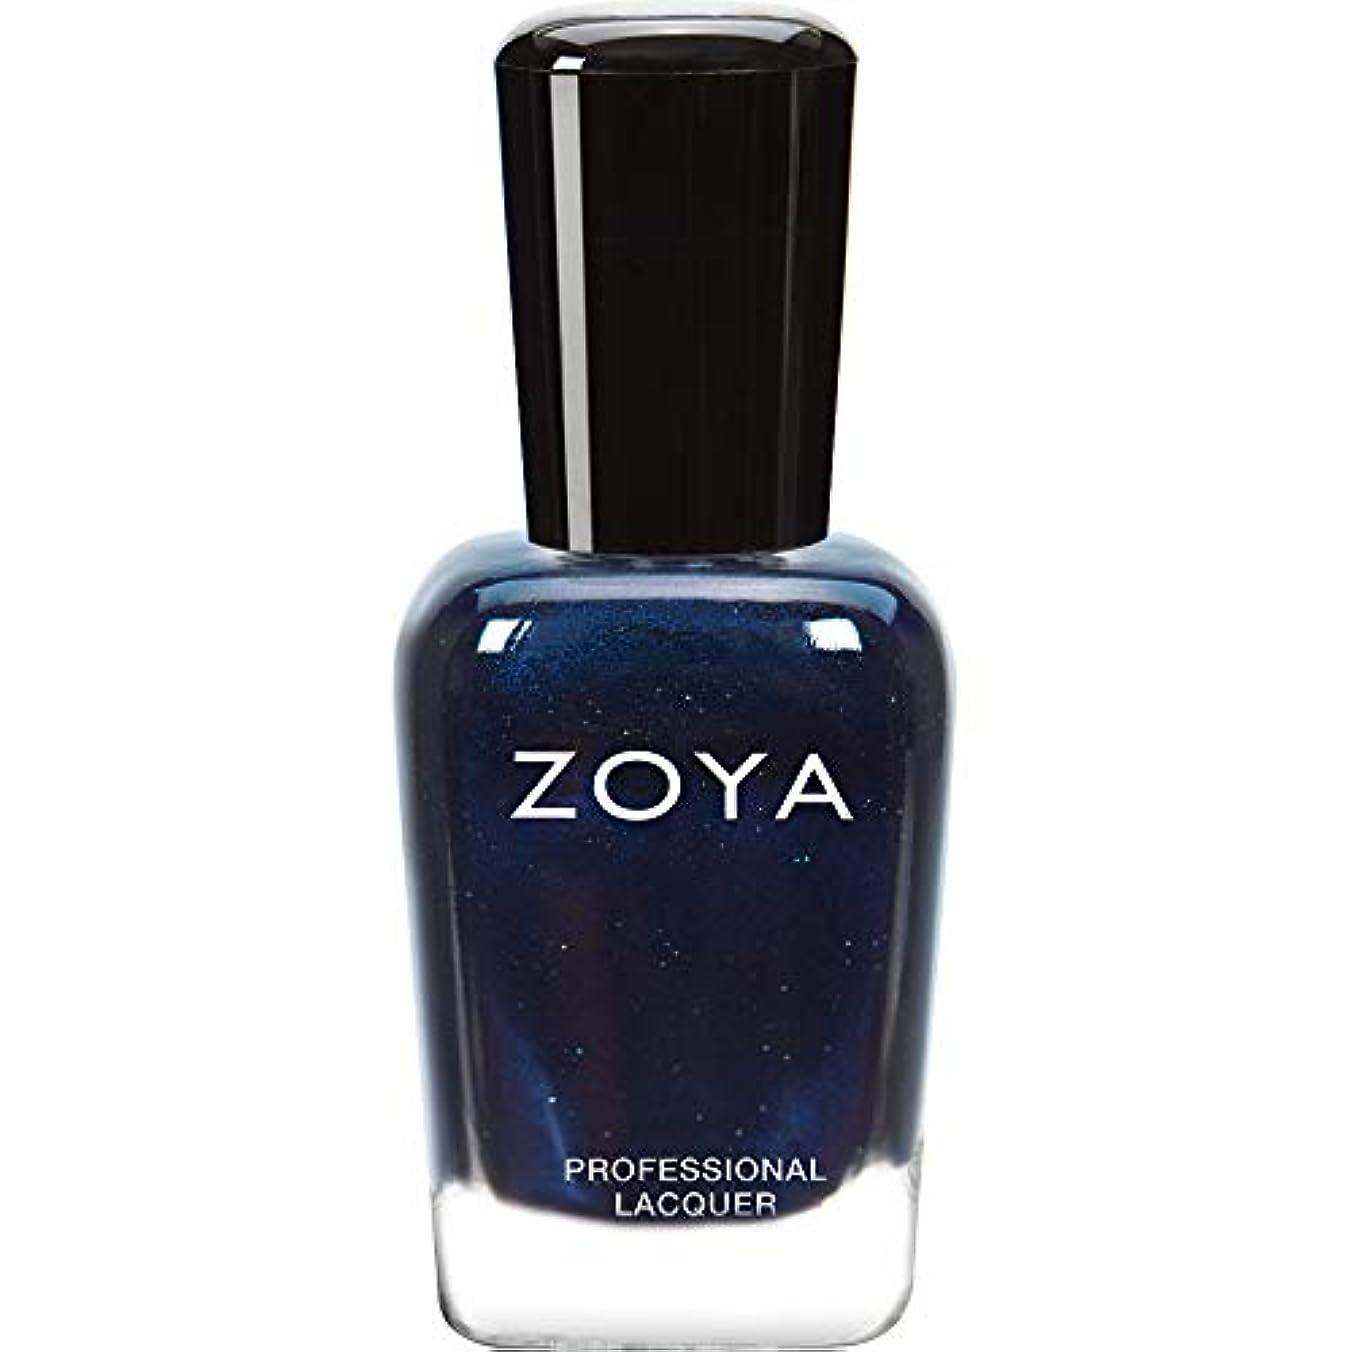 愛情深い同盟によるとZOYA ゾーヤ ネイルカラー ZP415 INDIGO インディゴ 15ml 深いインディゴブルー マット?グリッター/メタリック 爪にやさしいネイルラッカーマニキュア